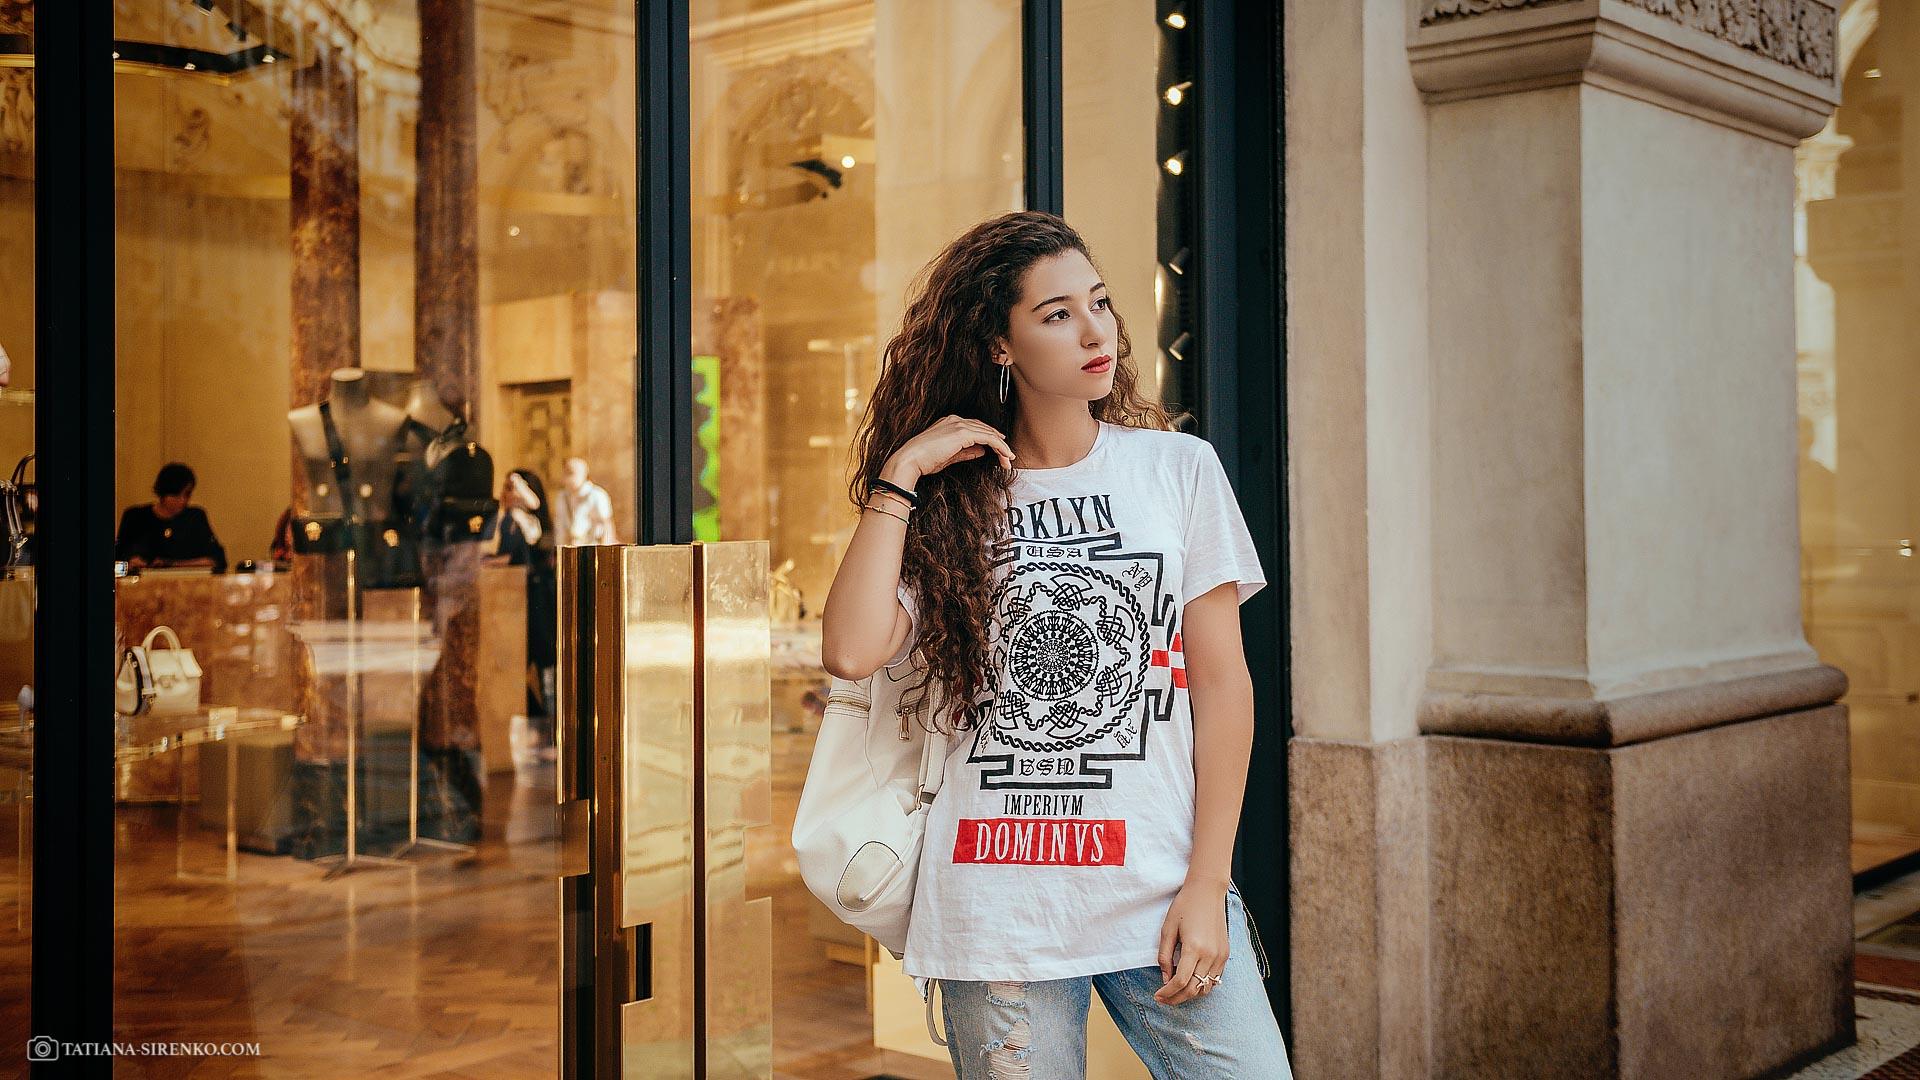 Фотосессия в Милане, Италия